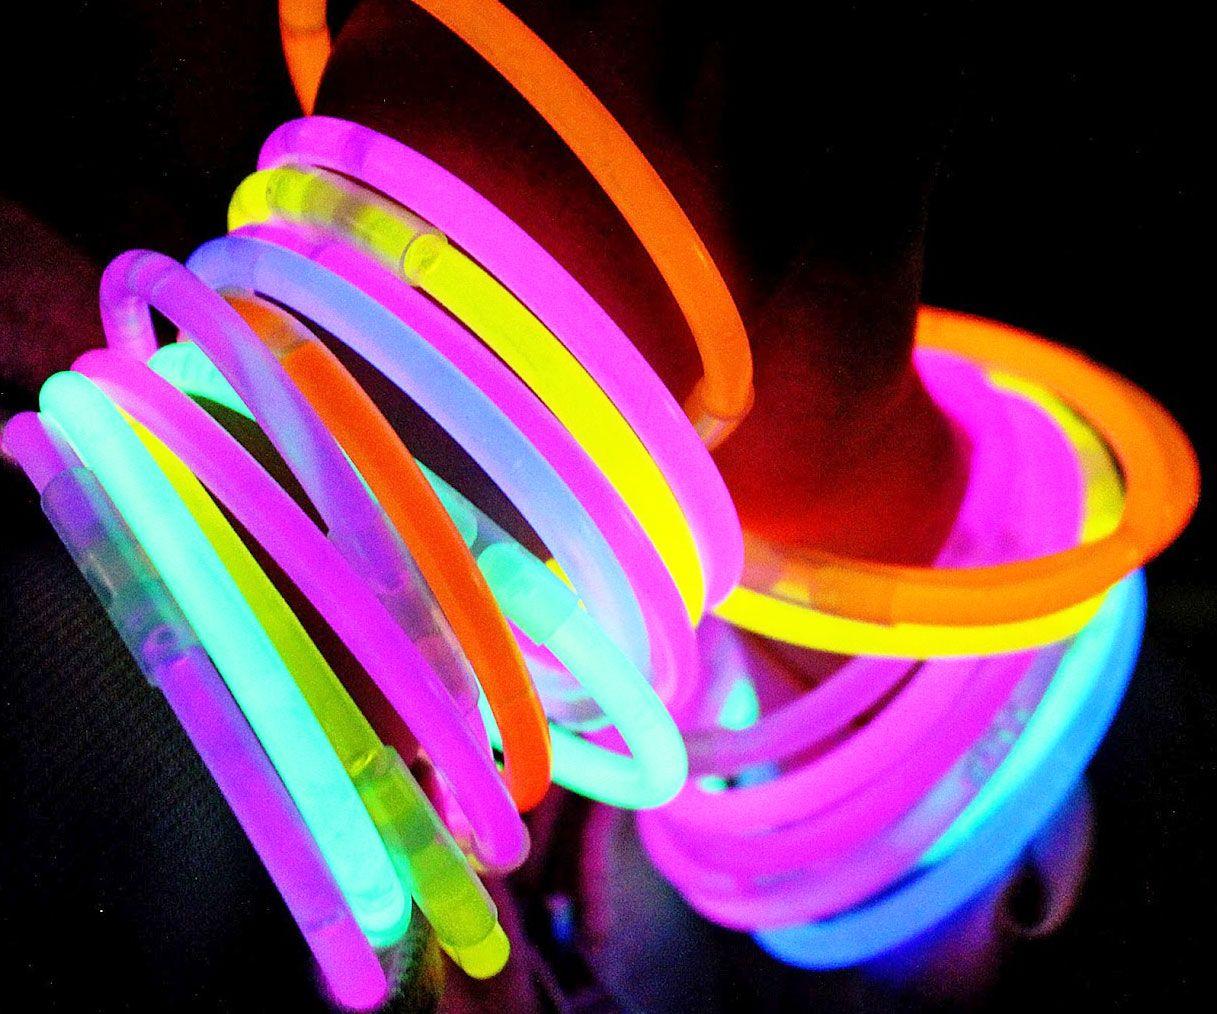 Las pulseras luminosas no pueden faltar en una fiesta fluorescente. Inclúyelas en tu lista.